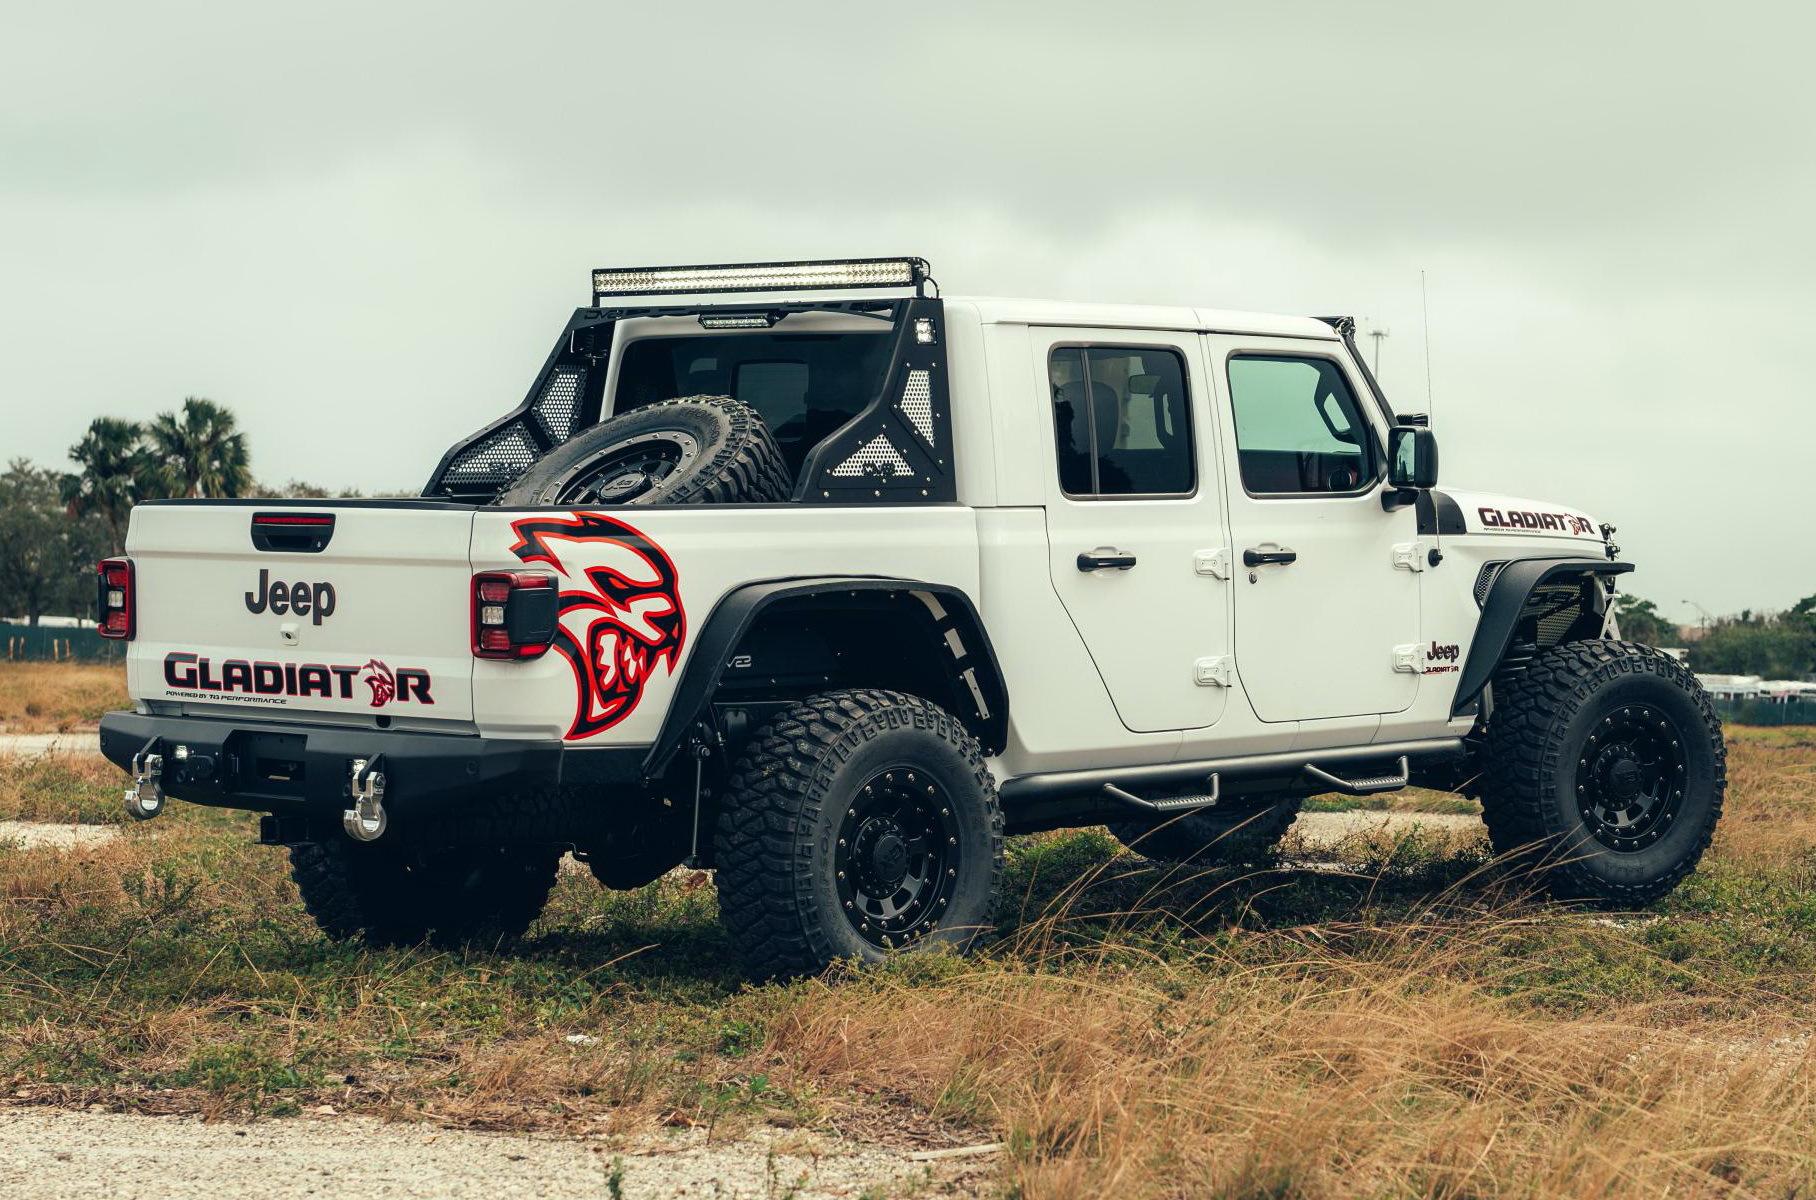 Команда мастерской TR3 Performance из Флориды представила свою версию нового «Гладиатора». Взглянем?